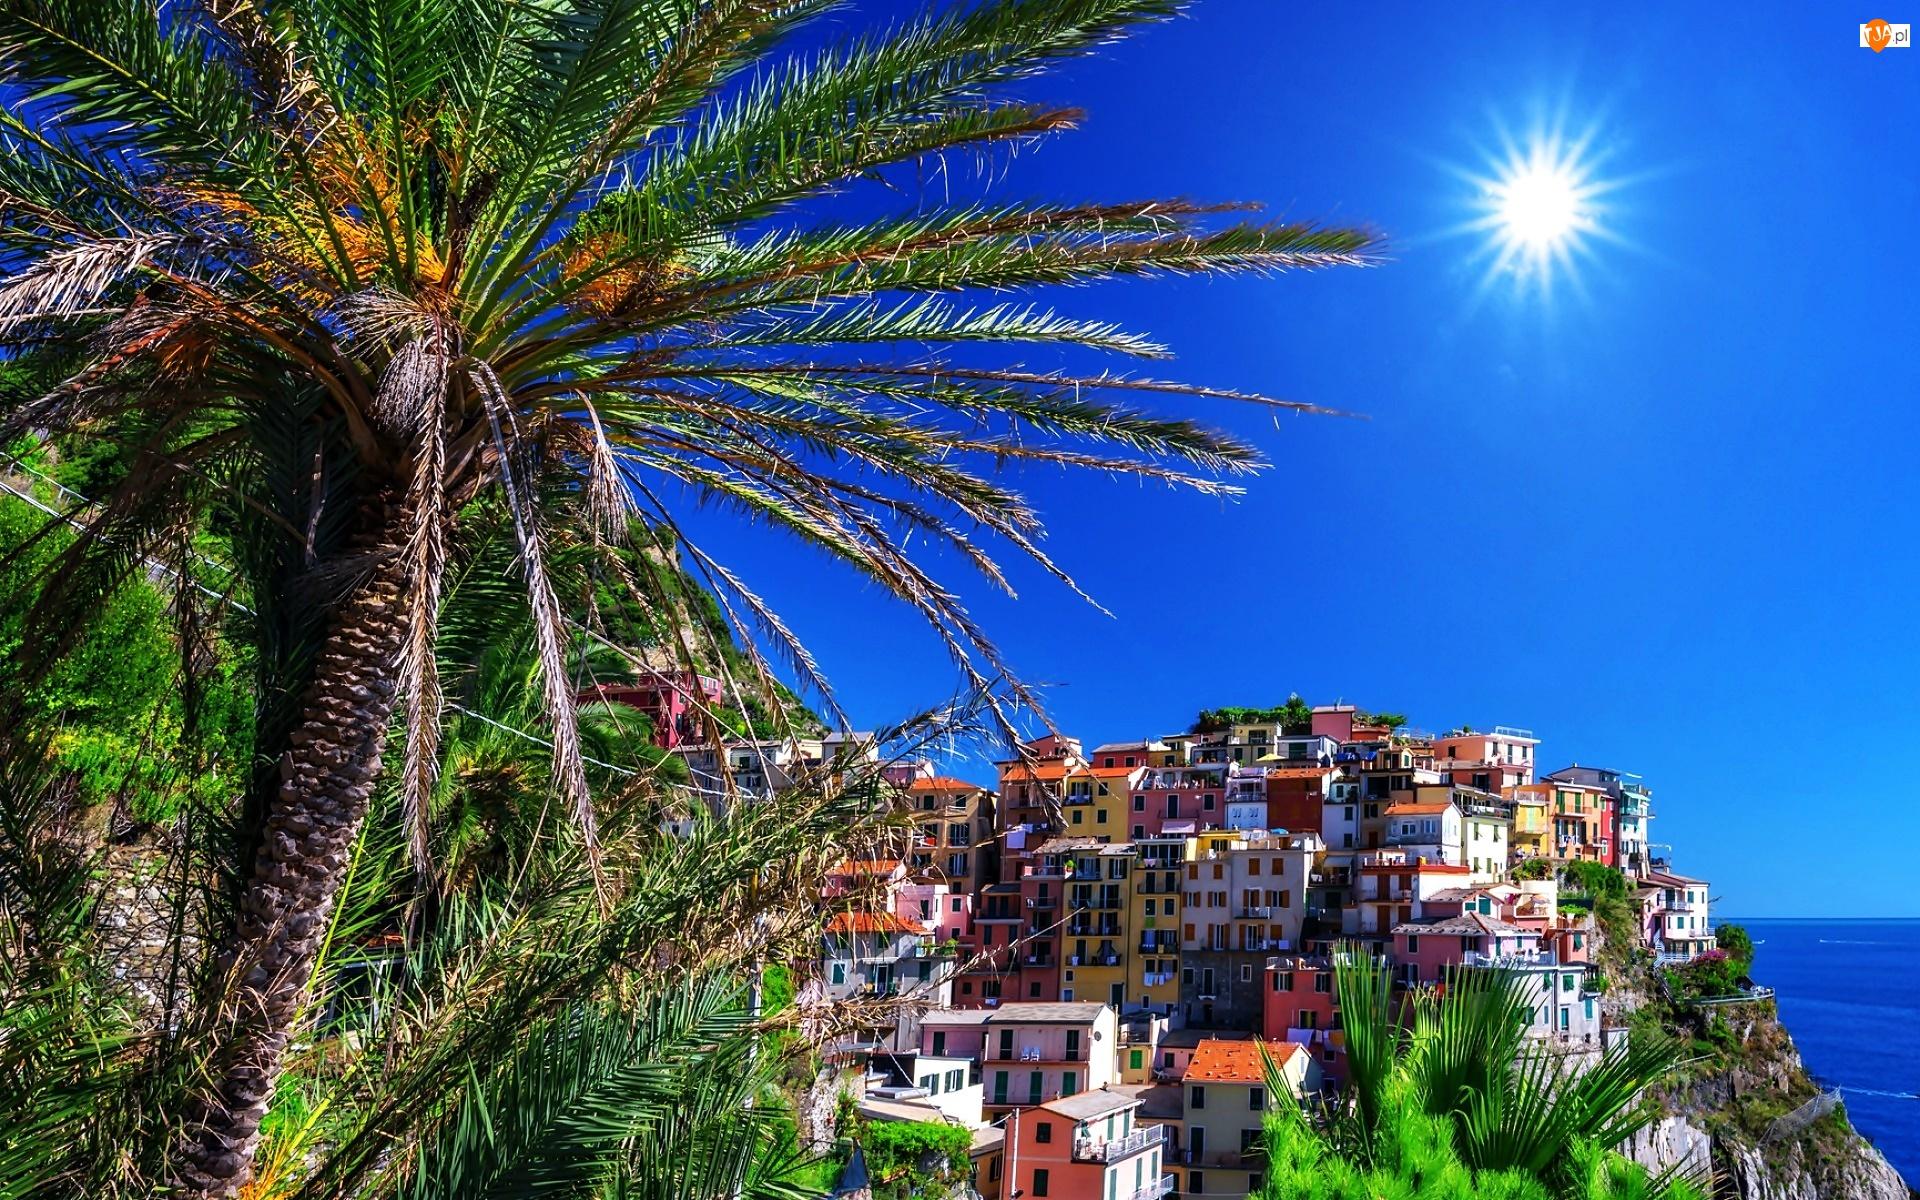 Miasto, Palmy, Manarola, Lato, Włochy, Słońce